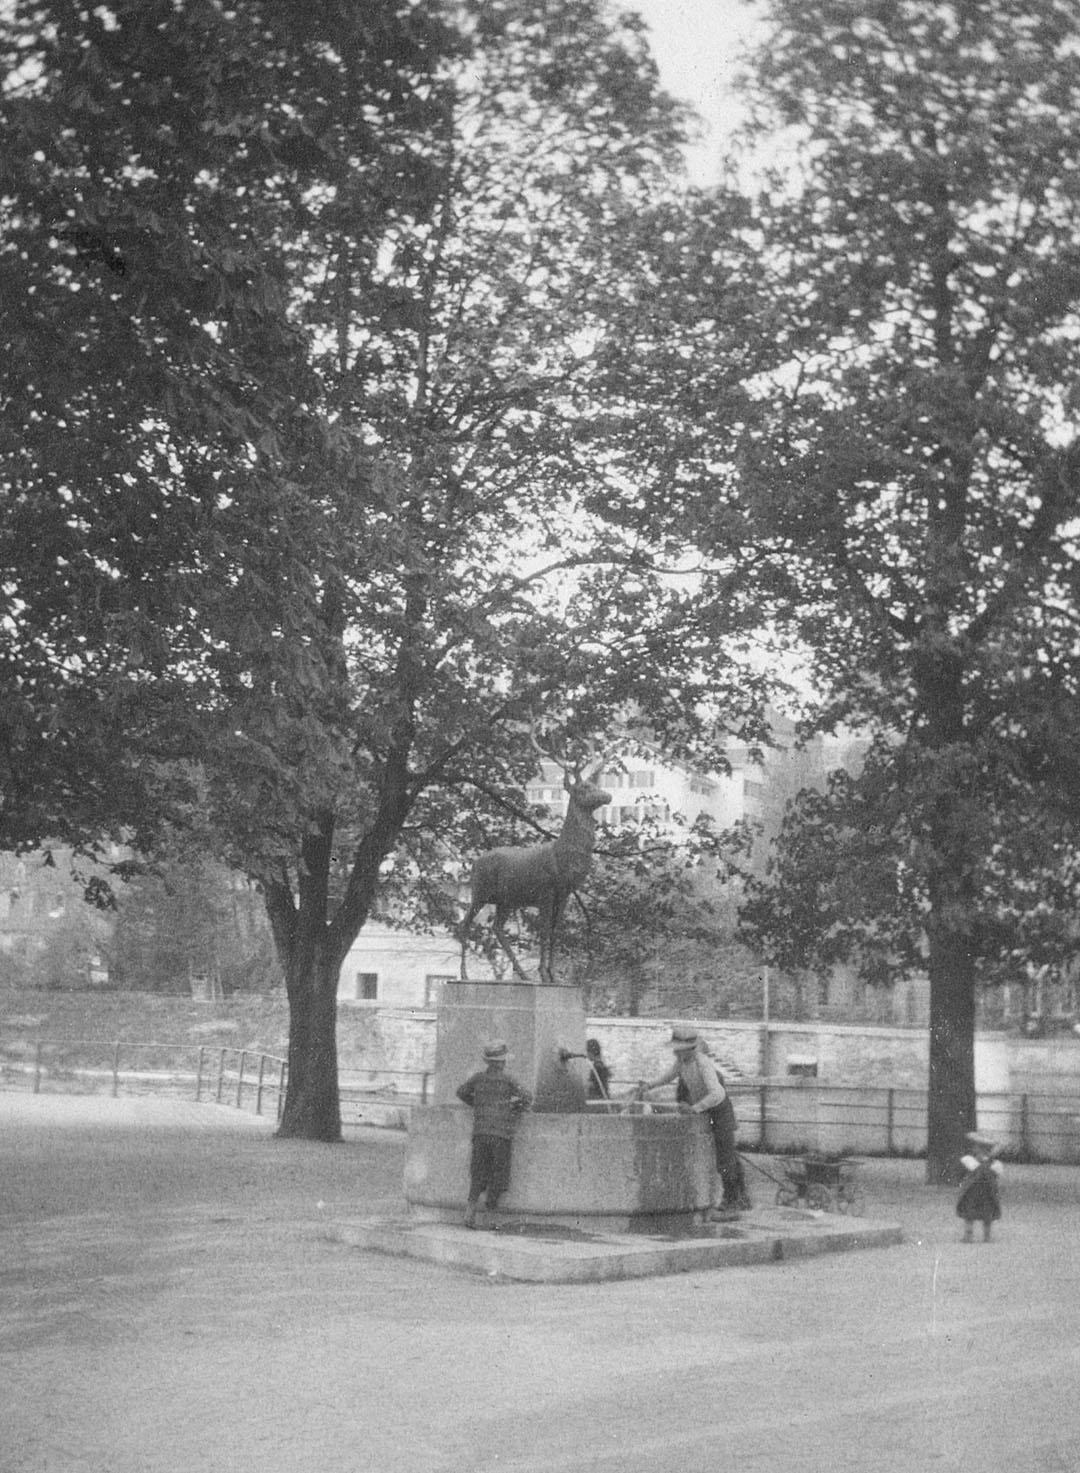 Der Hirschenbrunnen im Platzspitz. Eine anonyme Fotografie, entstanden nach 1911.